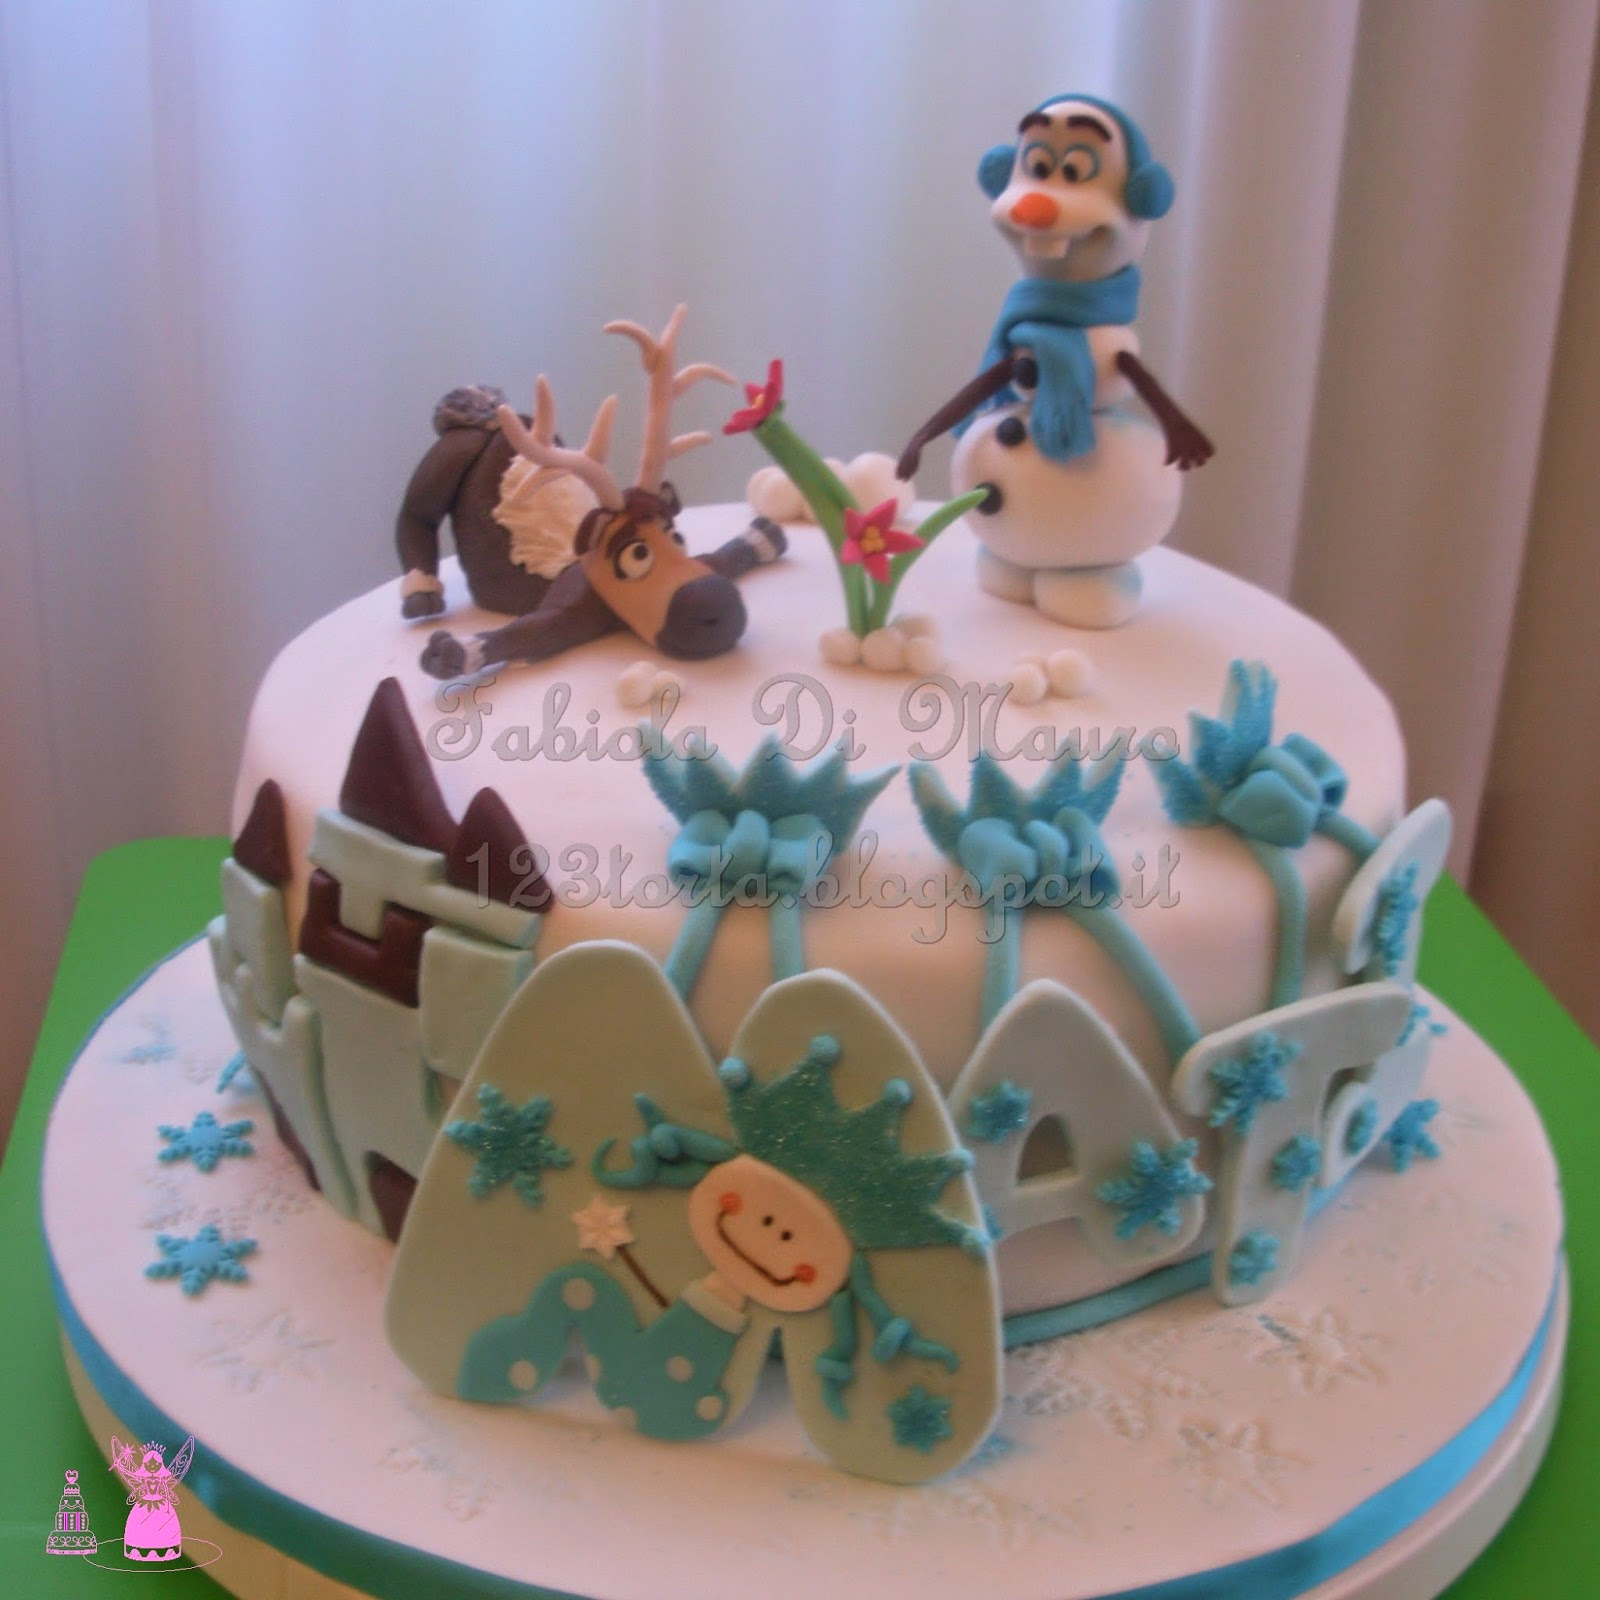 Uno due tre torta frozen olaf e sven nel regno di